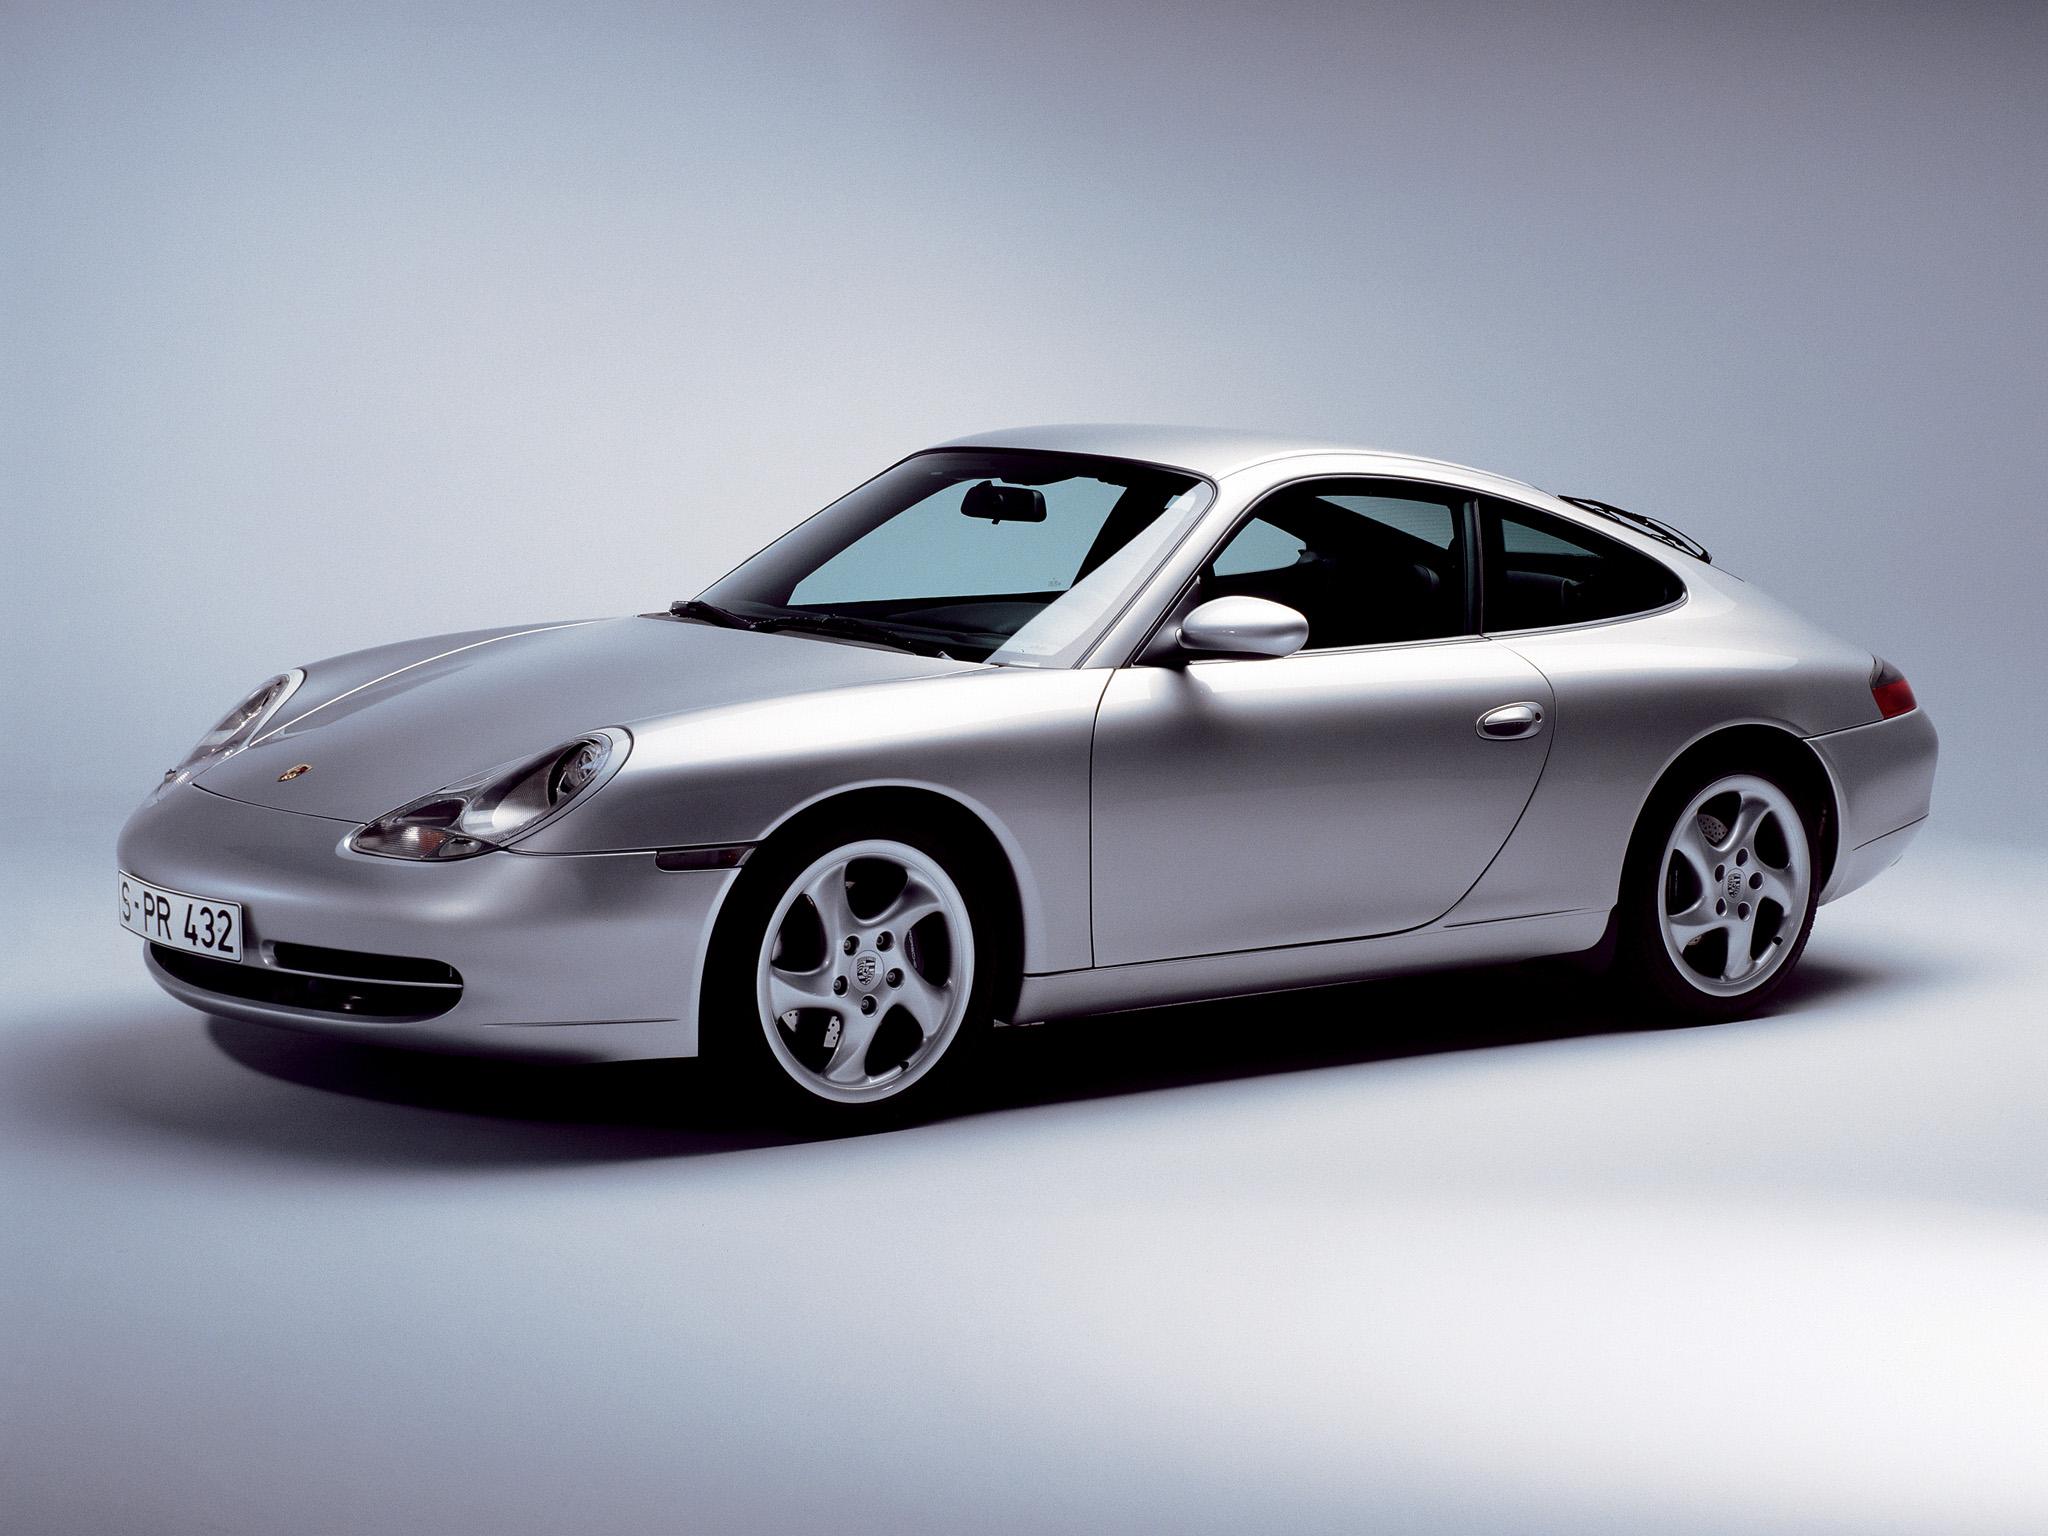 Porsche 996, den första helt nya 911:an sedan 1964! Kom 1998 och var en helt modern sportbil.